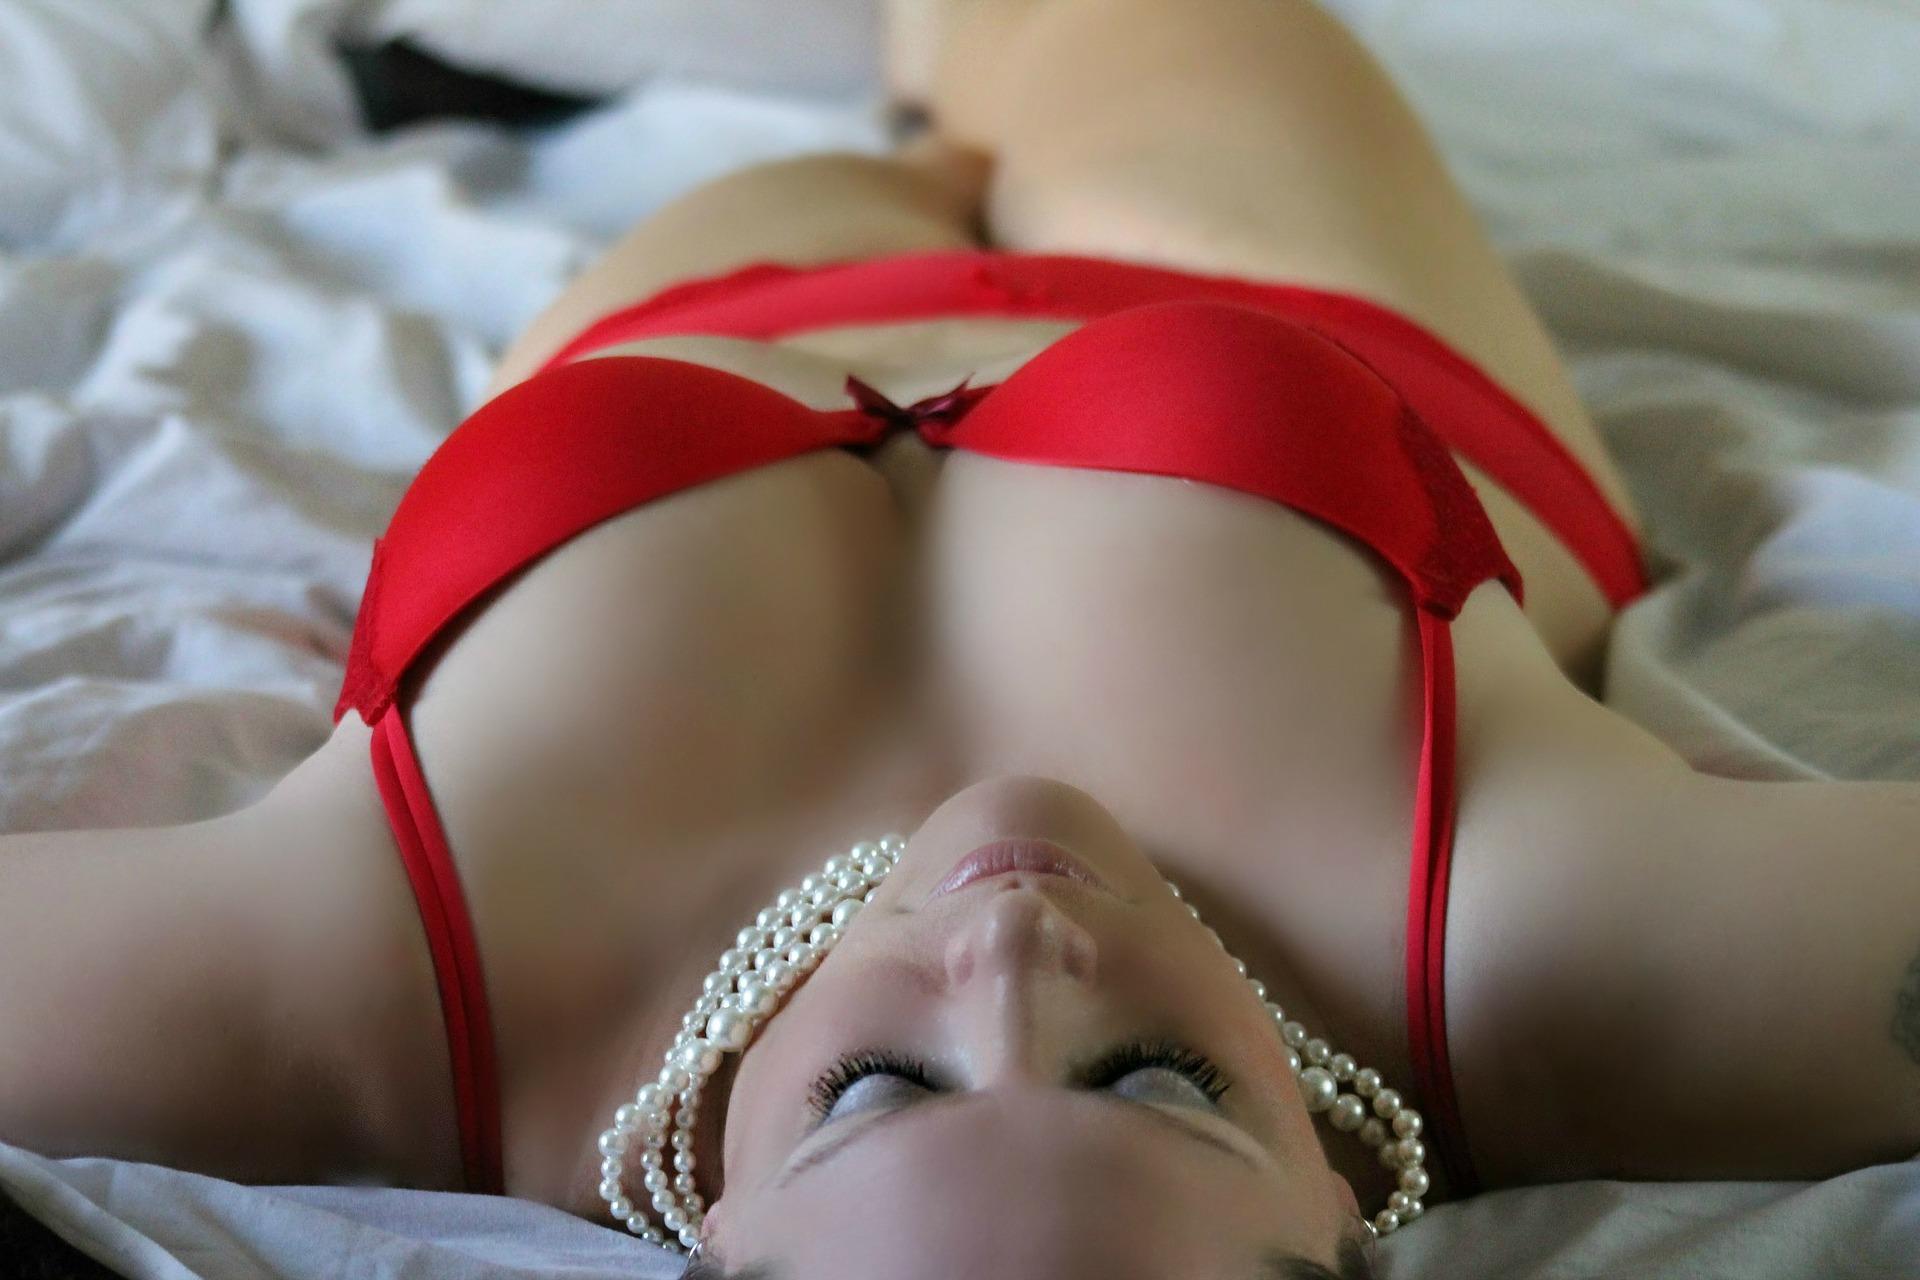 Choisir LA COULEUR de lingerie qui saura vous mettre en valeur 1